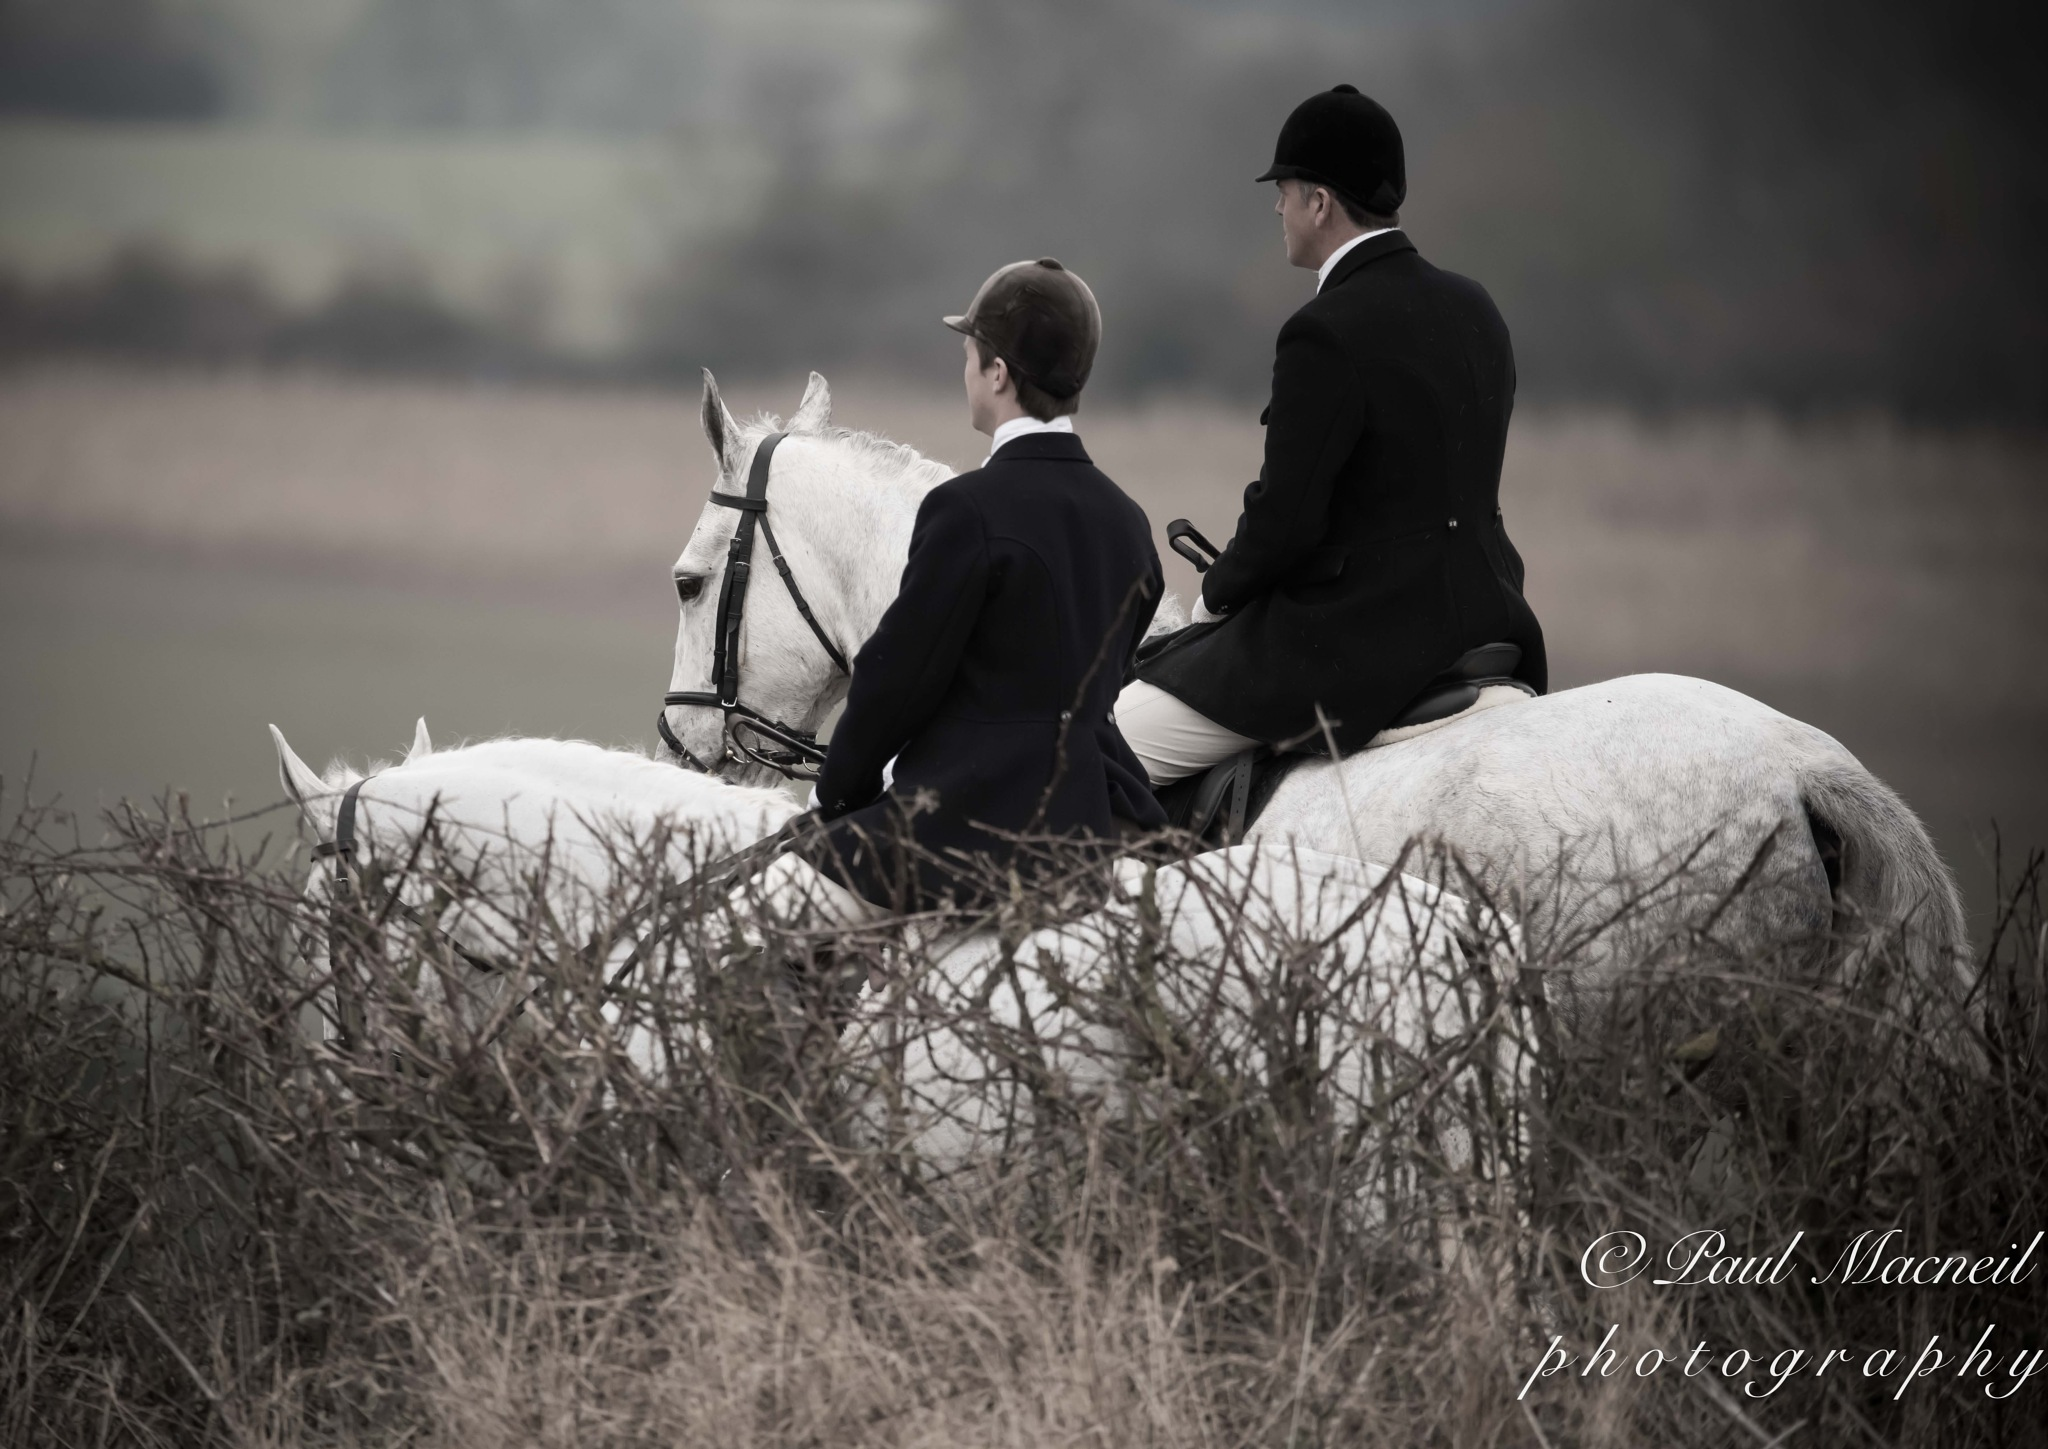 hunting gentlemen by Paulomac